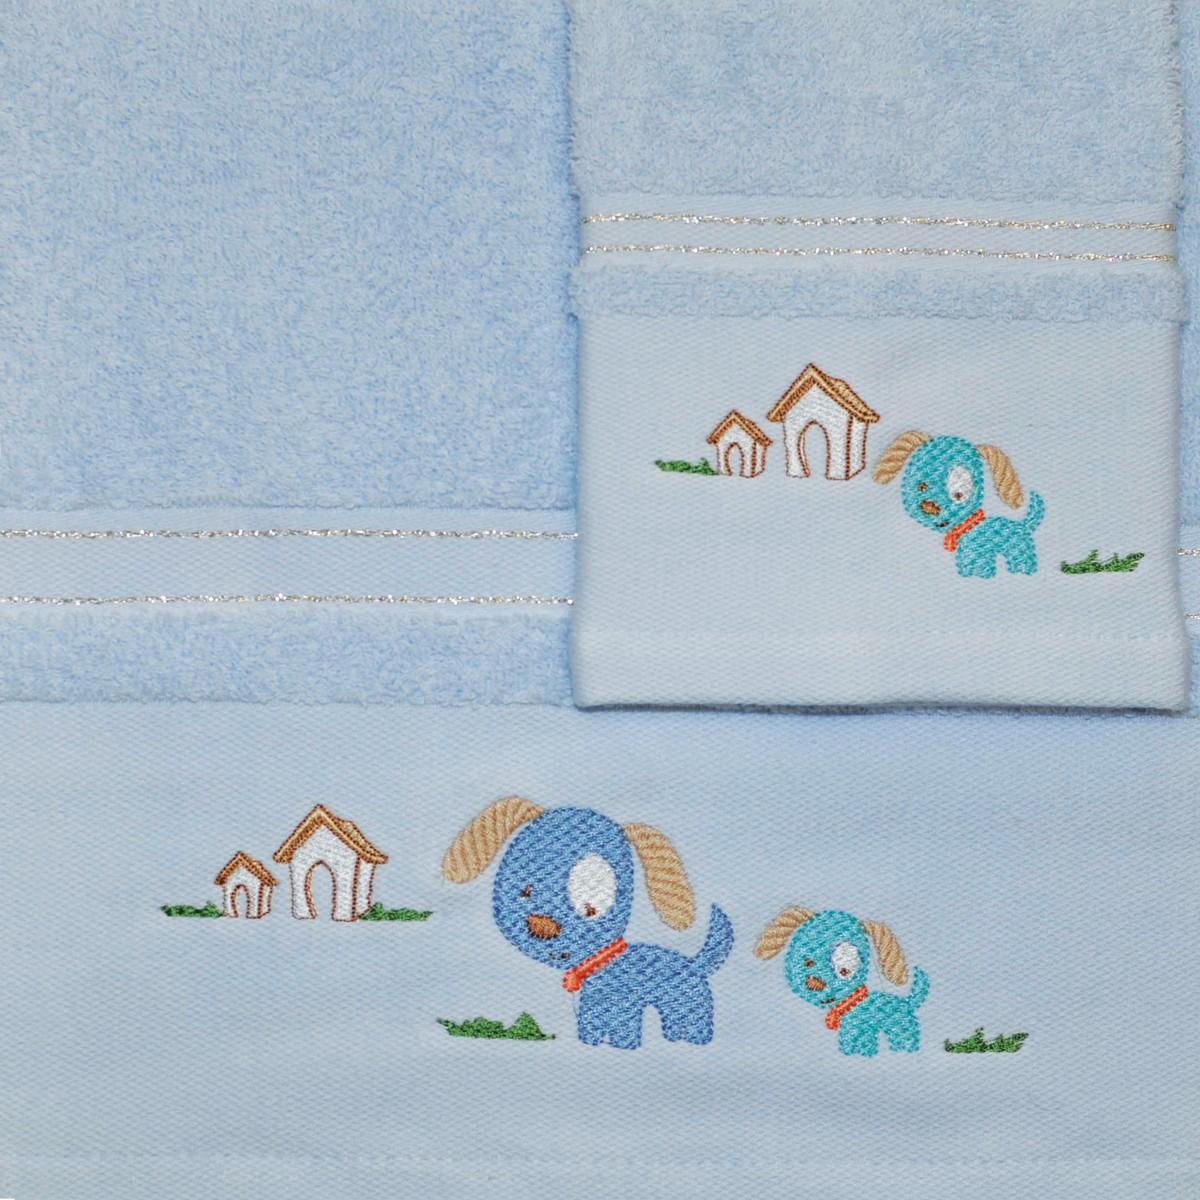 Βρεφικές Πετσέτες (Σετ 2τμχ) Morven 610 Blue